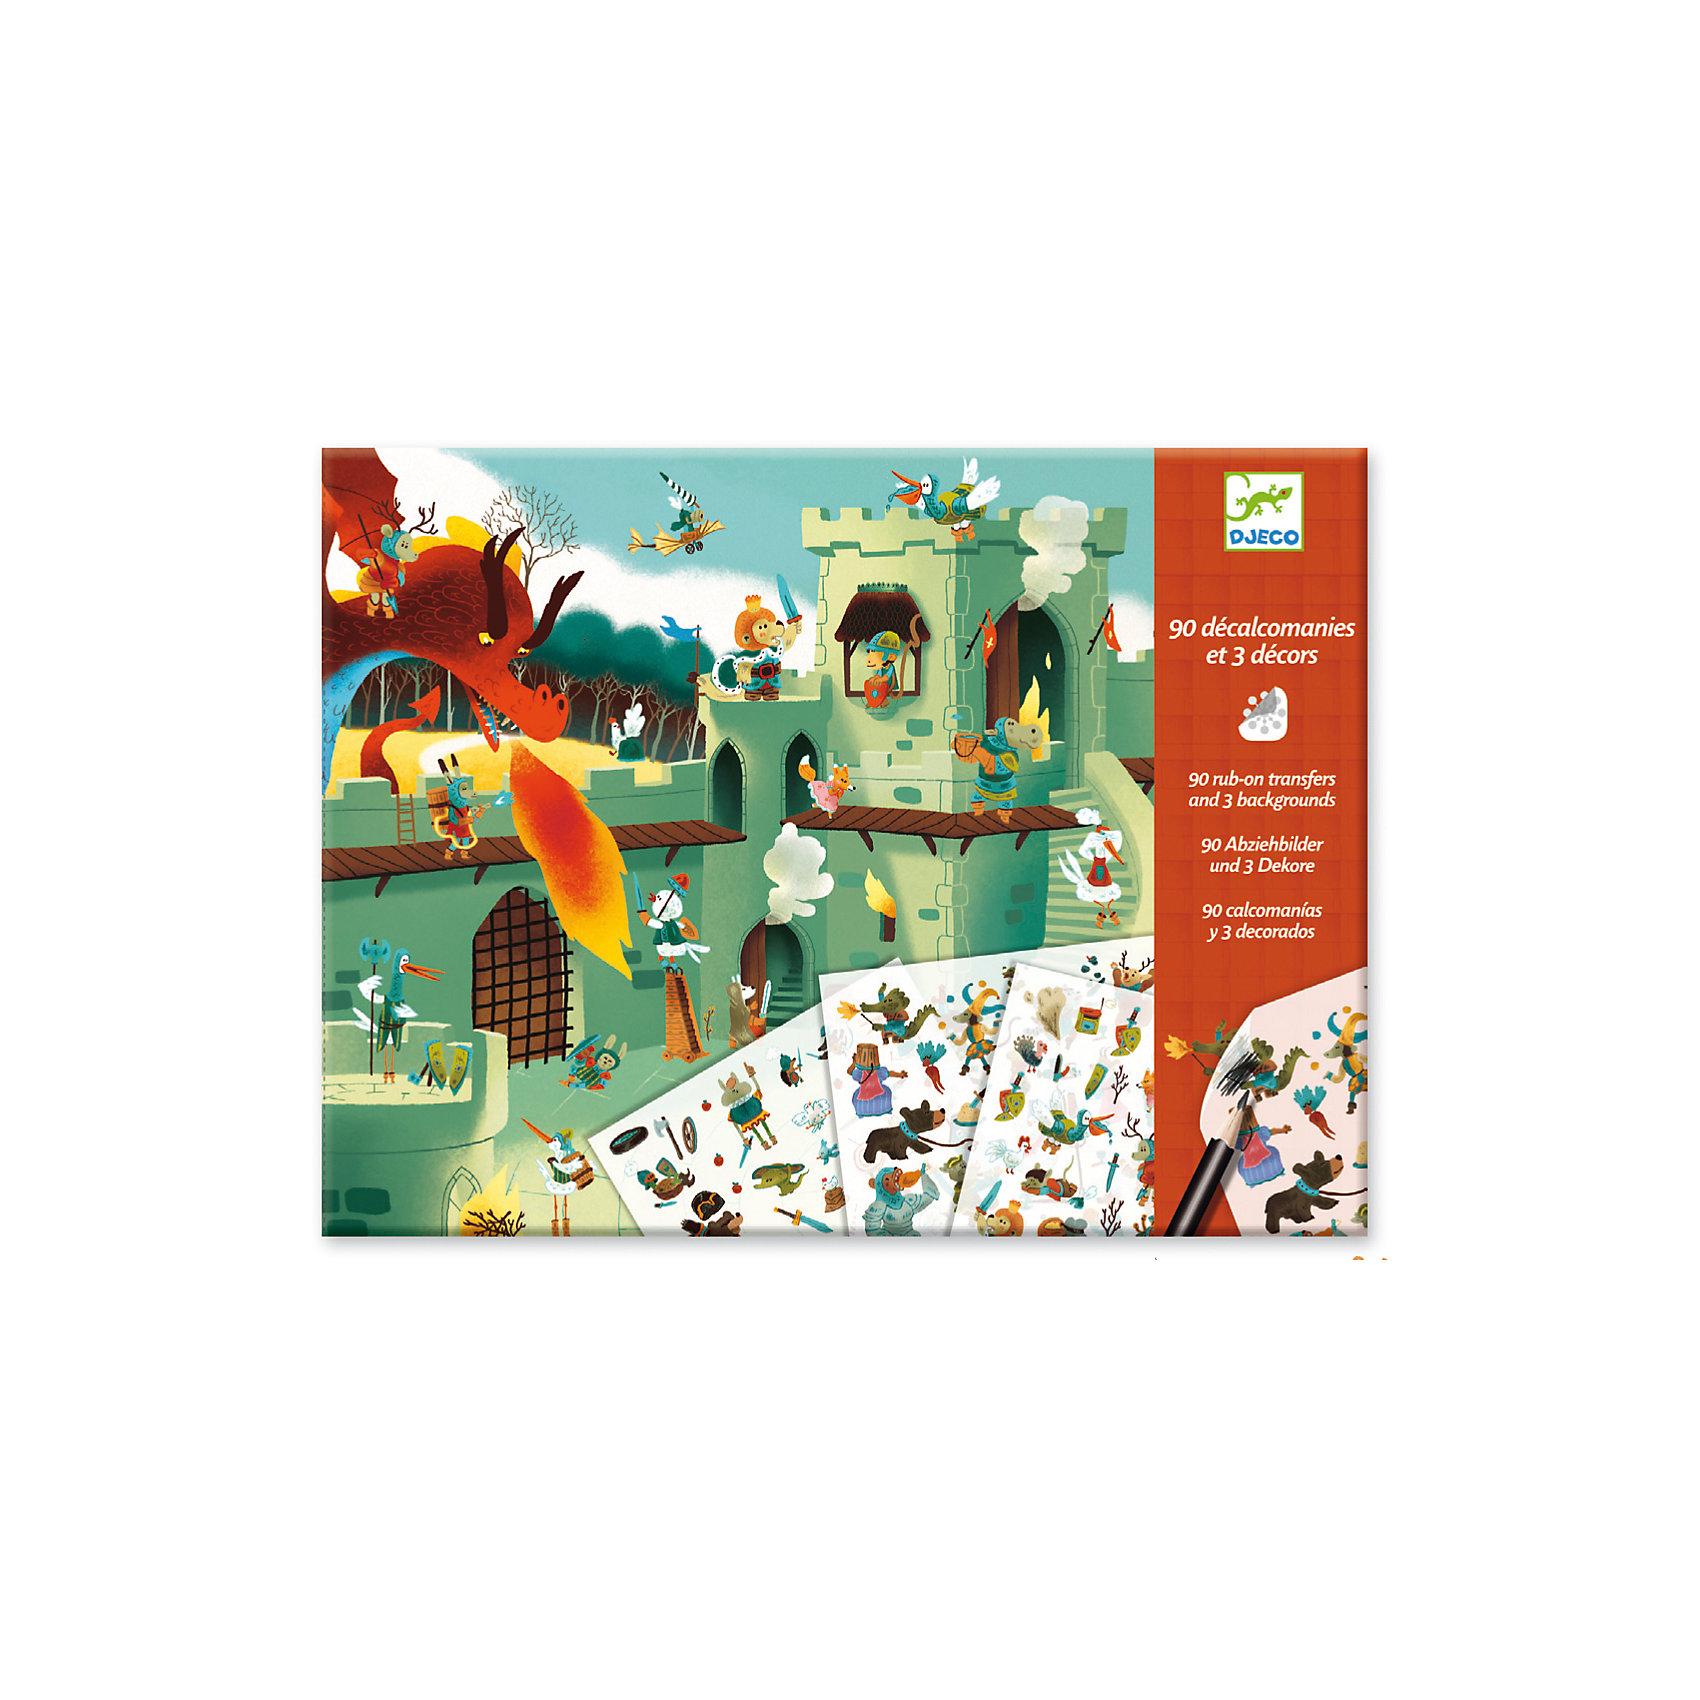 Набор для творчества Средневековые сказки, DJECOРаскраски по номерам<br>Характеристики набора для творчества Средневековые сказки:<br><br>• пол универсальный<br>• возраст: от 4 лет<br>• материал: пластик, бумага<br>• комплект: 3 картинки, 2 листа с переводными картинками <br>• состав набора: 3 мотка шерсти разных цветов (длина мотка 22 метра), магнитное приспособление для изготовления помпонов, множество бусинок, пошаговая инструкция<br>• упаковка: картонный конверт<br>• размер упаковки: 31.5x15x5 см<br>• размер картинки: 21 х29.7 см<br>• размер листа с наклейками: 20х 13 см<br>• бренд: Djeco<br>• страна обладателя бренда: Франция<br><br>Набор для творчества Средневековые сказки от производителя Djeco (Джеко) позволит Вашему ребенку самостоятельно сочинять средневековые истории с помощью красочных переводных наклеек. В комплекте можно найти 3 картинки и два листа с наклейками, которые с легкостью переводятся на бумажную основу. <br><br>К набору также прилагается подробная инструкция с примерами, поэтому у ребенка не возникнет сложностей. Набор способствует развитию творческого мышления, фантазии и воображения.<br><br>Набор для творчества Средневековые сказки торговой марки Djeco (Джеко) можно купить в нашем интернет-магазине.<br><br>Ширина мм: 320<br>Глубина мм: 240<br>Высота мм: 100<br>Вес г: 160<br>Возраст от месяцев: 48<br>Возраст до месяцев: 2147483647<br>Пол: Унисекс<br>Возраст: Детский<br>SKU: 5448817